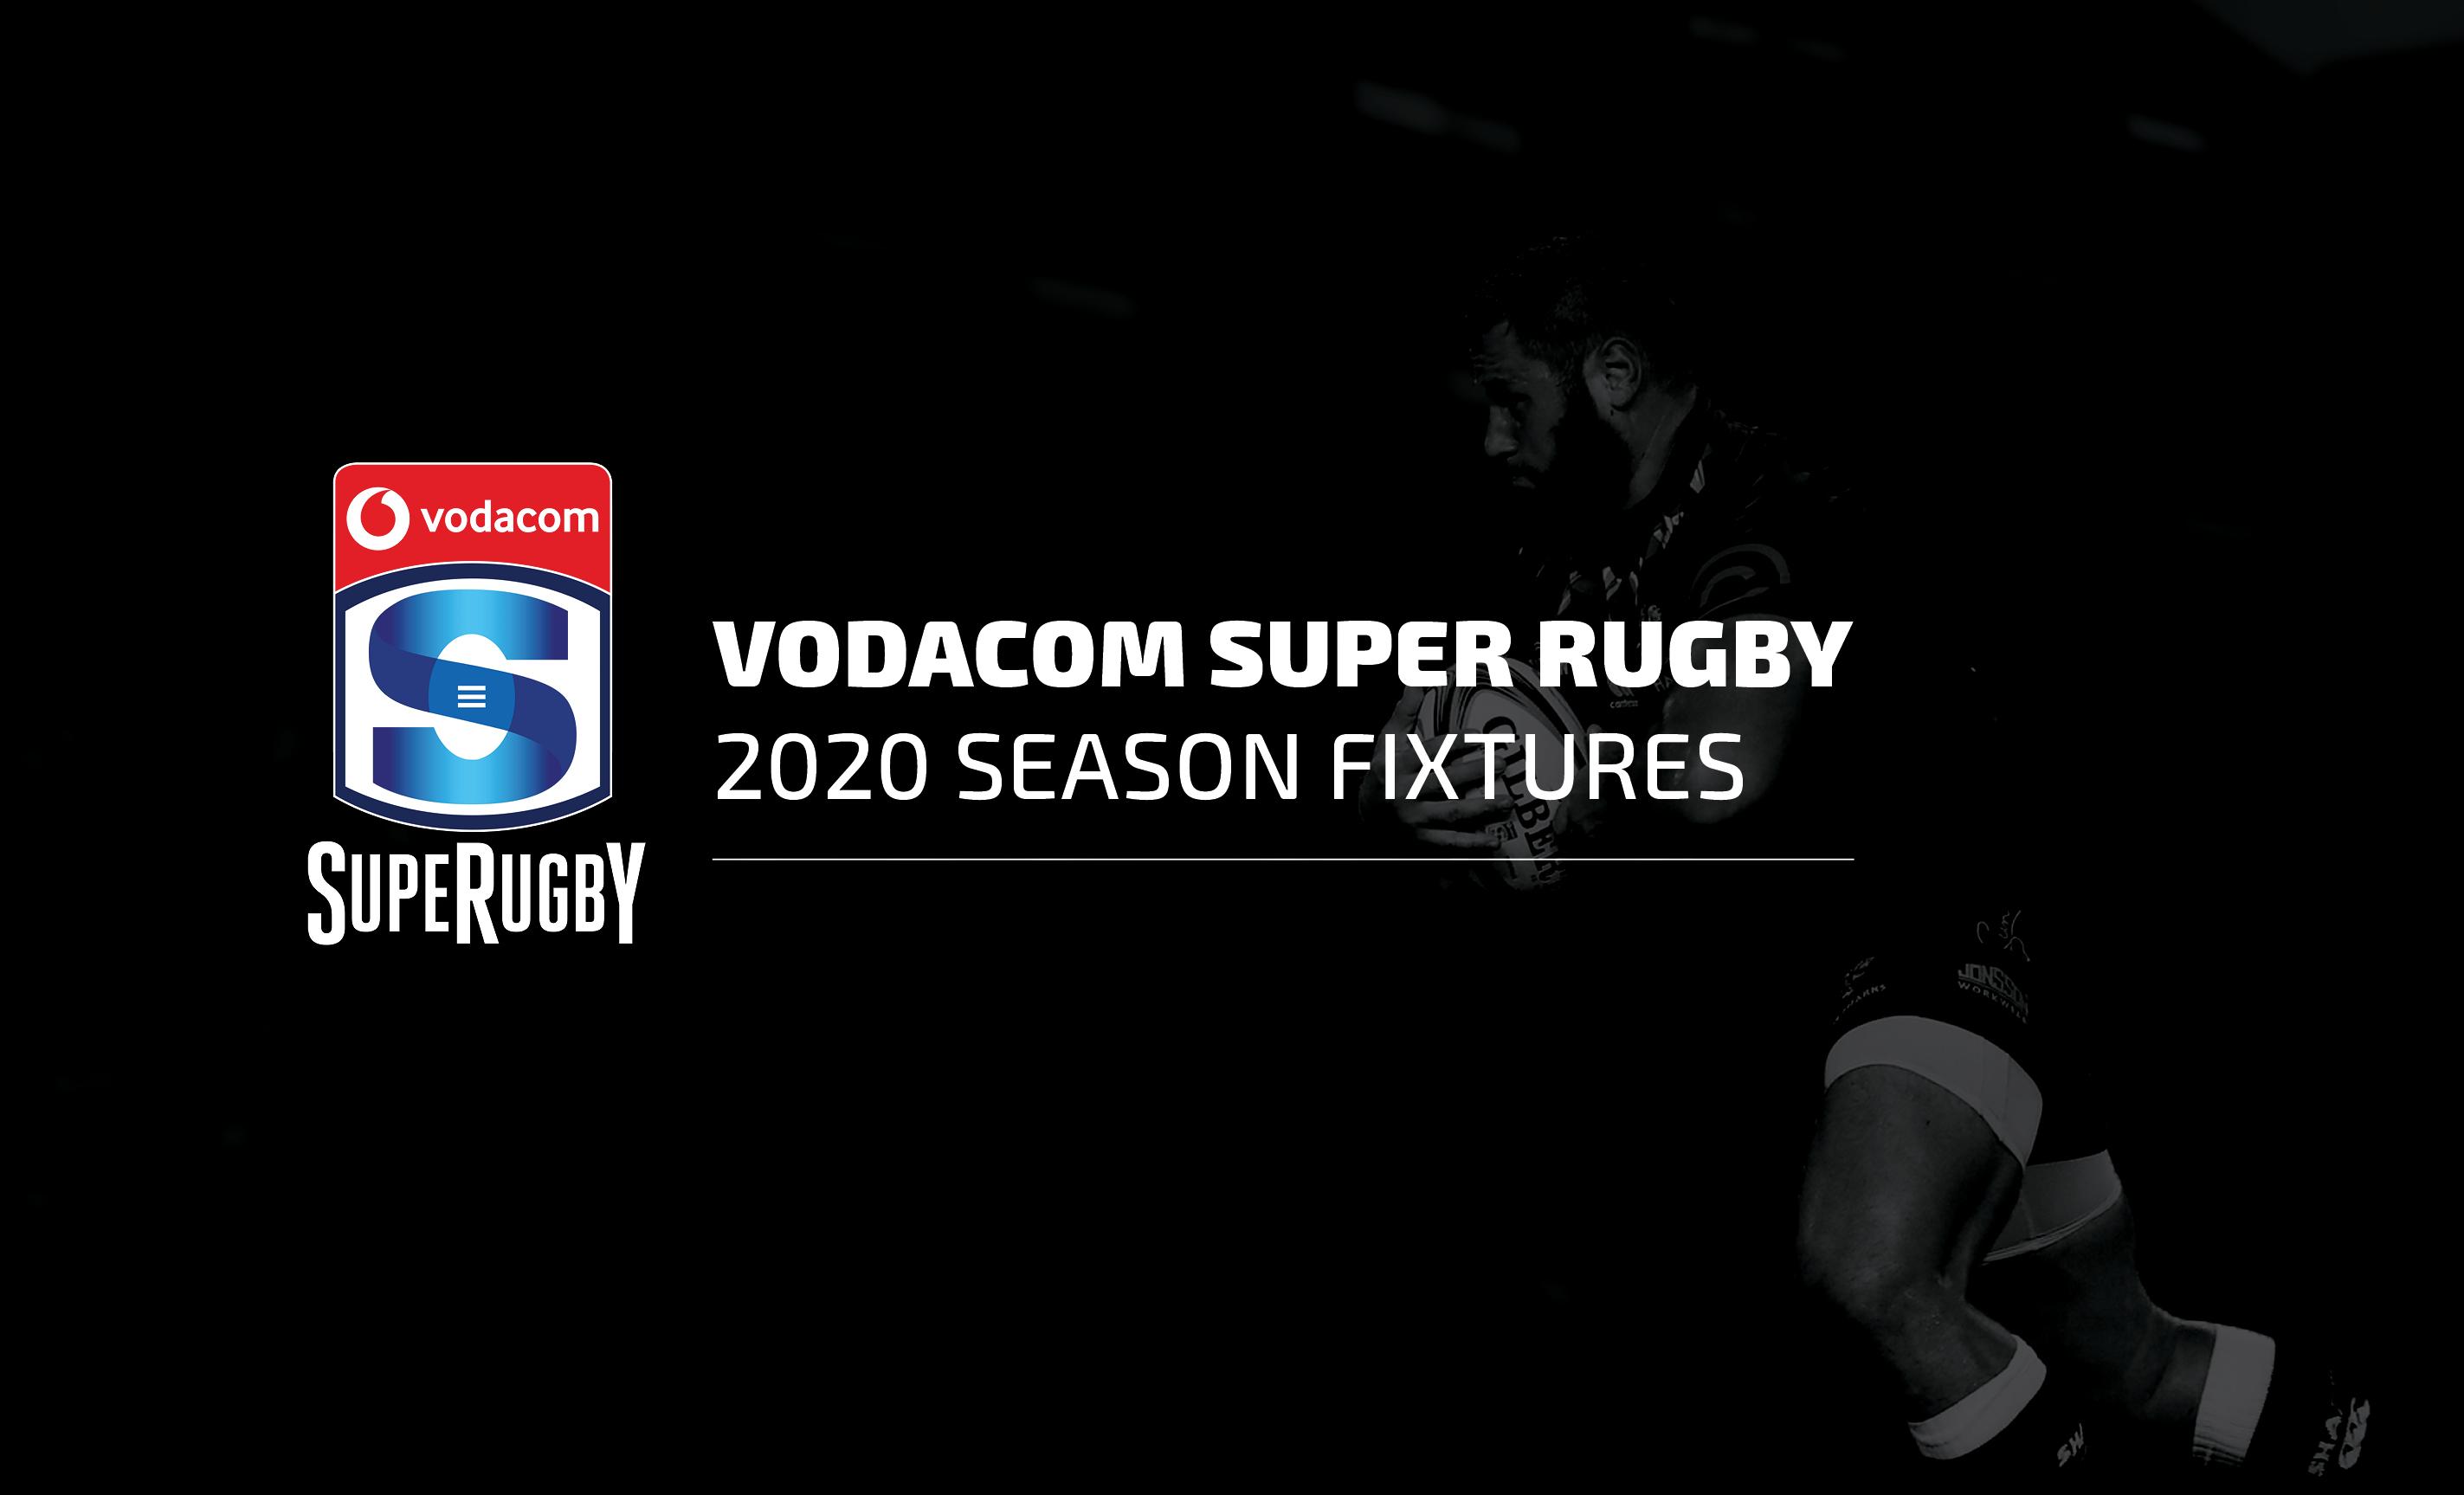 Super Rugby Fixtures